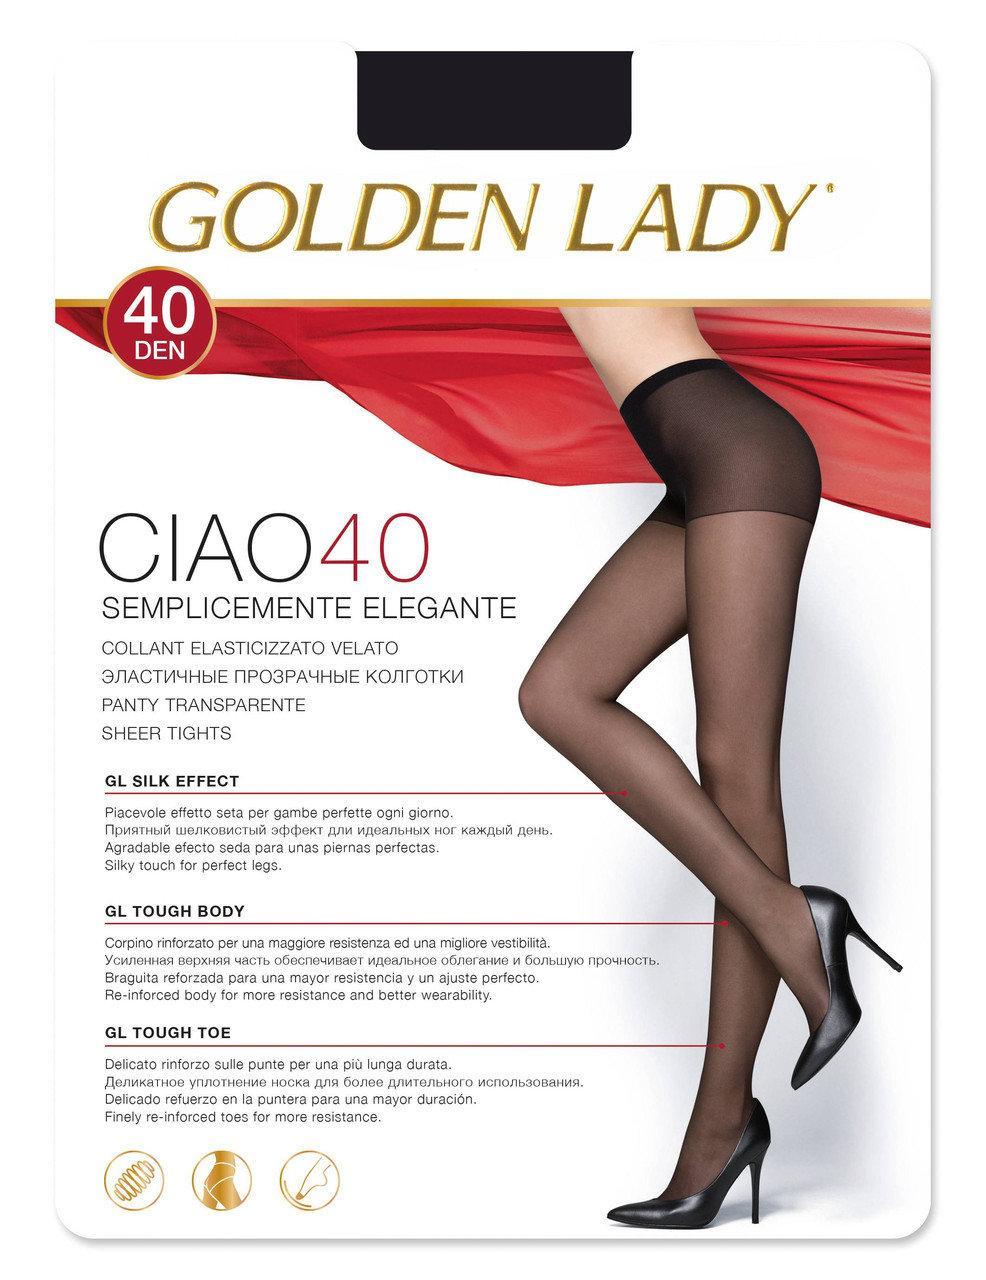 Колготки женские Golden Lady Ciao 40 den ОПТ, все размеры, в се цвета, колготки Omsa